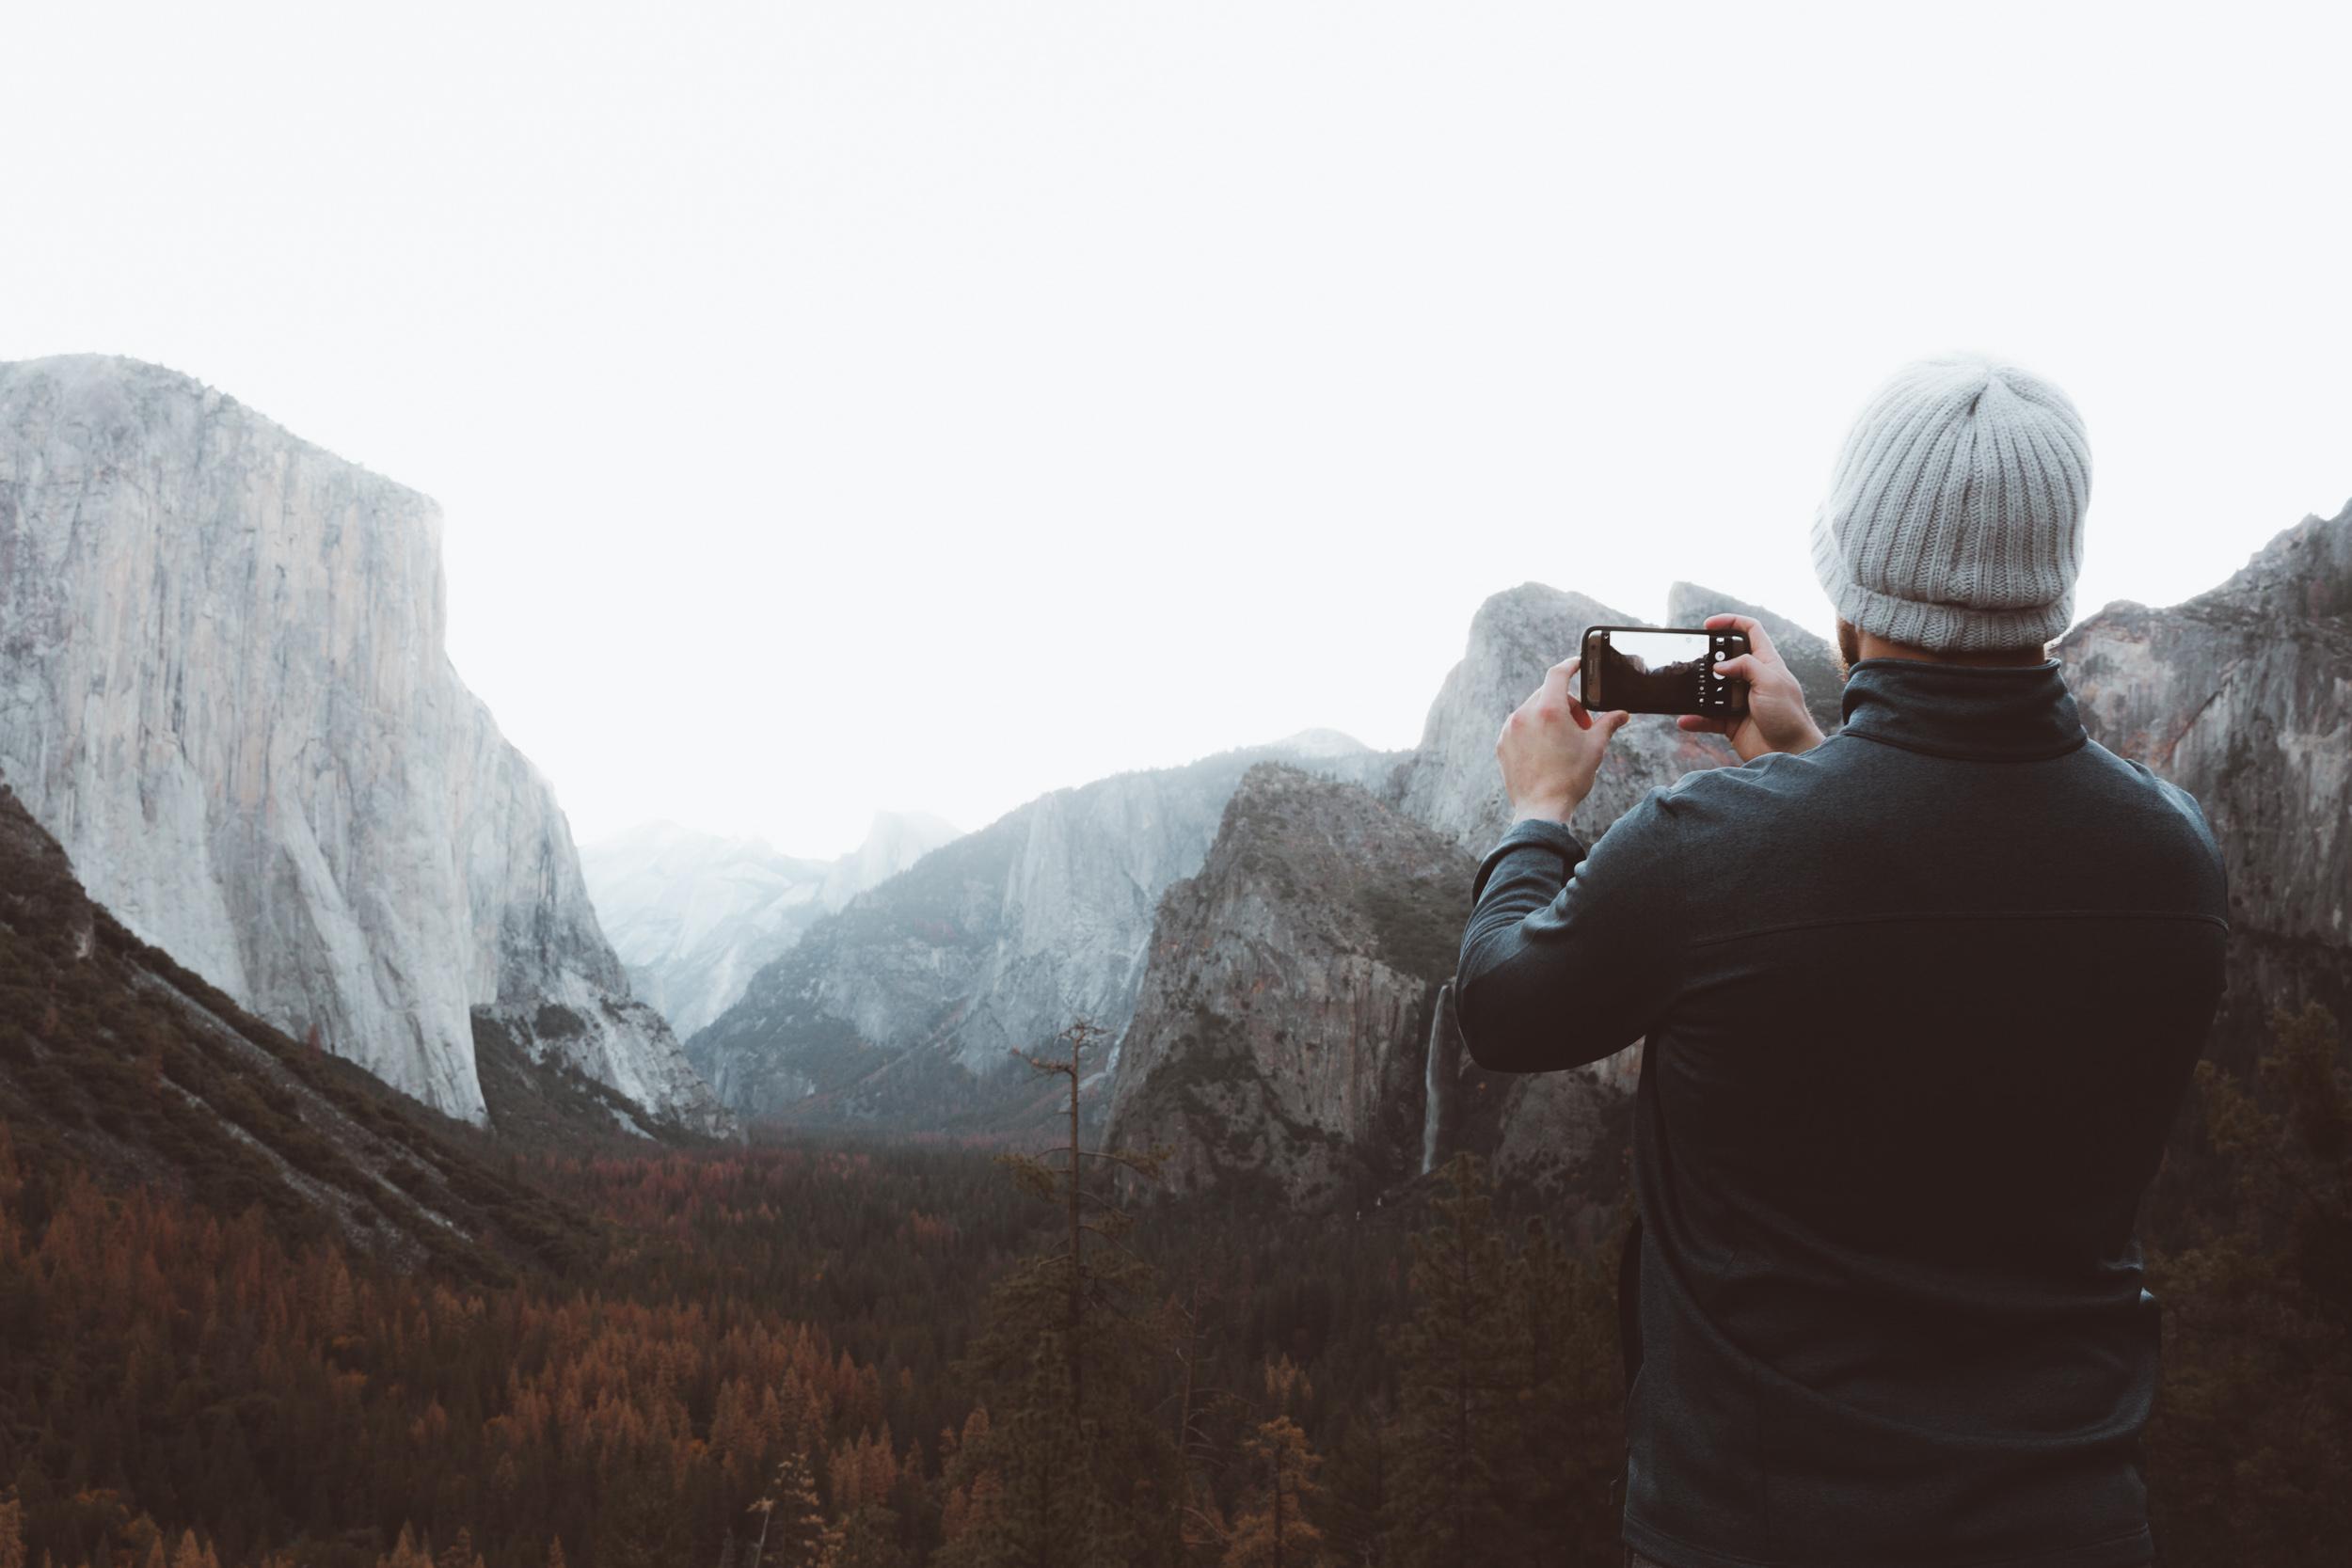 yosemite-tunnel-view-smartphone-hike-and-shoot-1.jpg